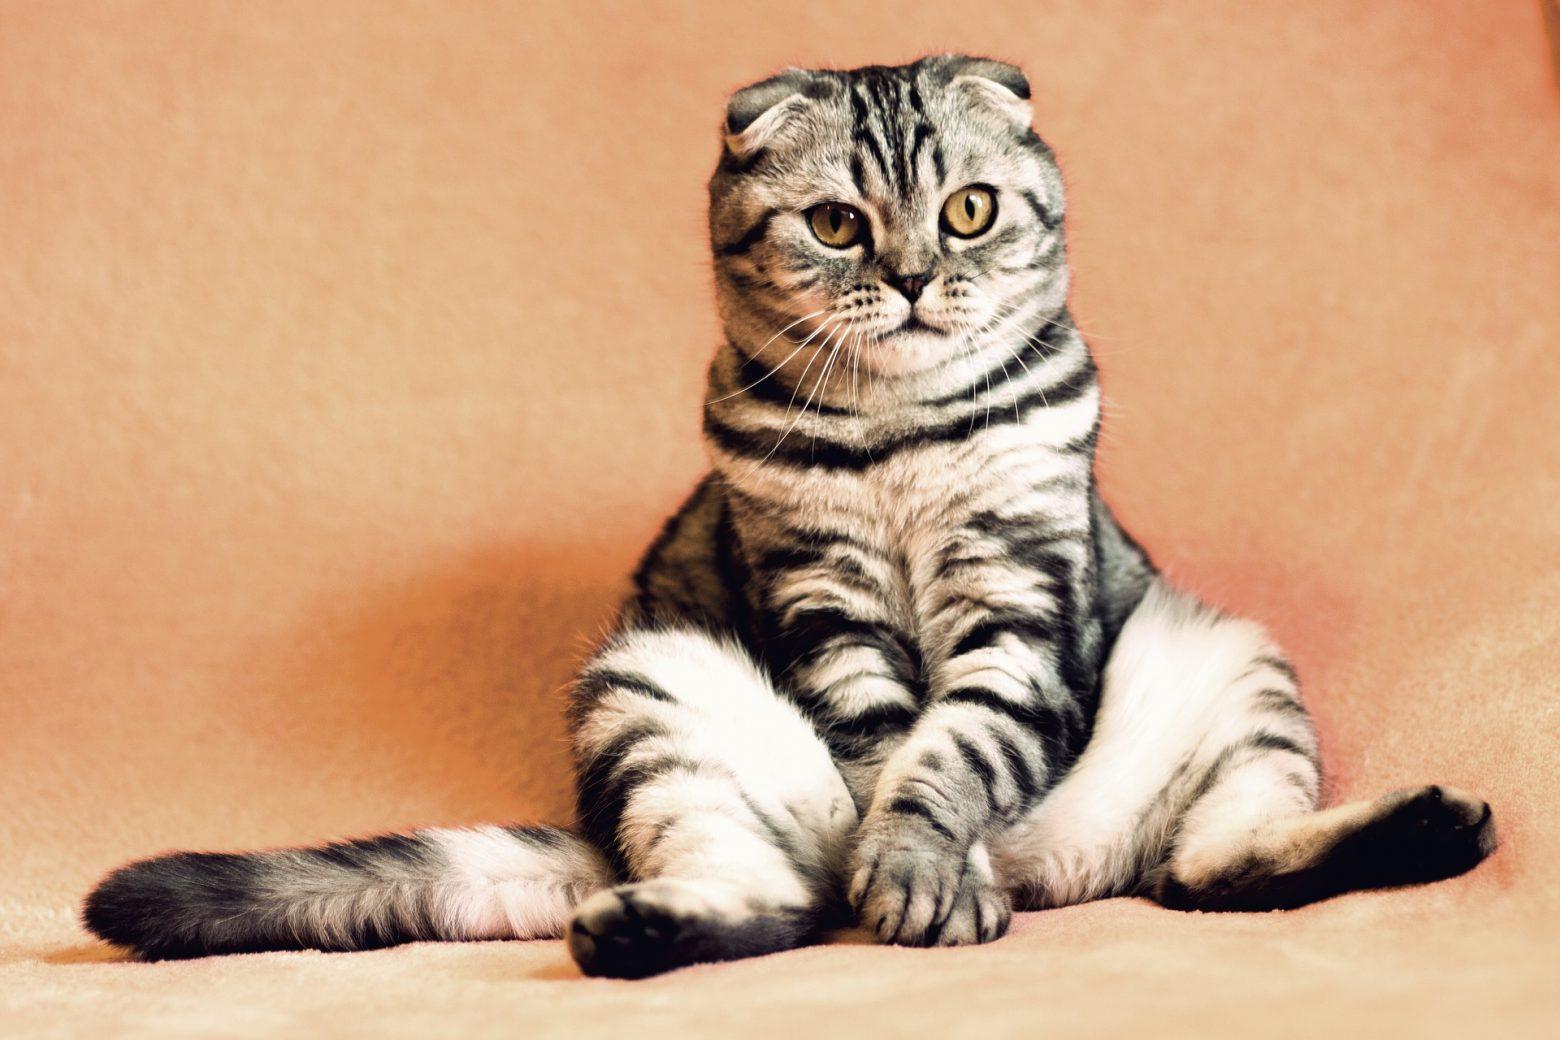 O Que os Gatos Tem a Dizer? Idioma Felino Funciona? – PDF